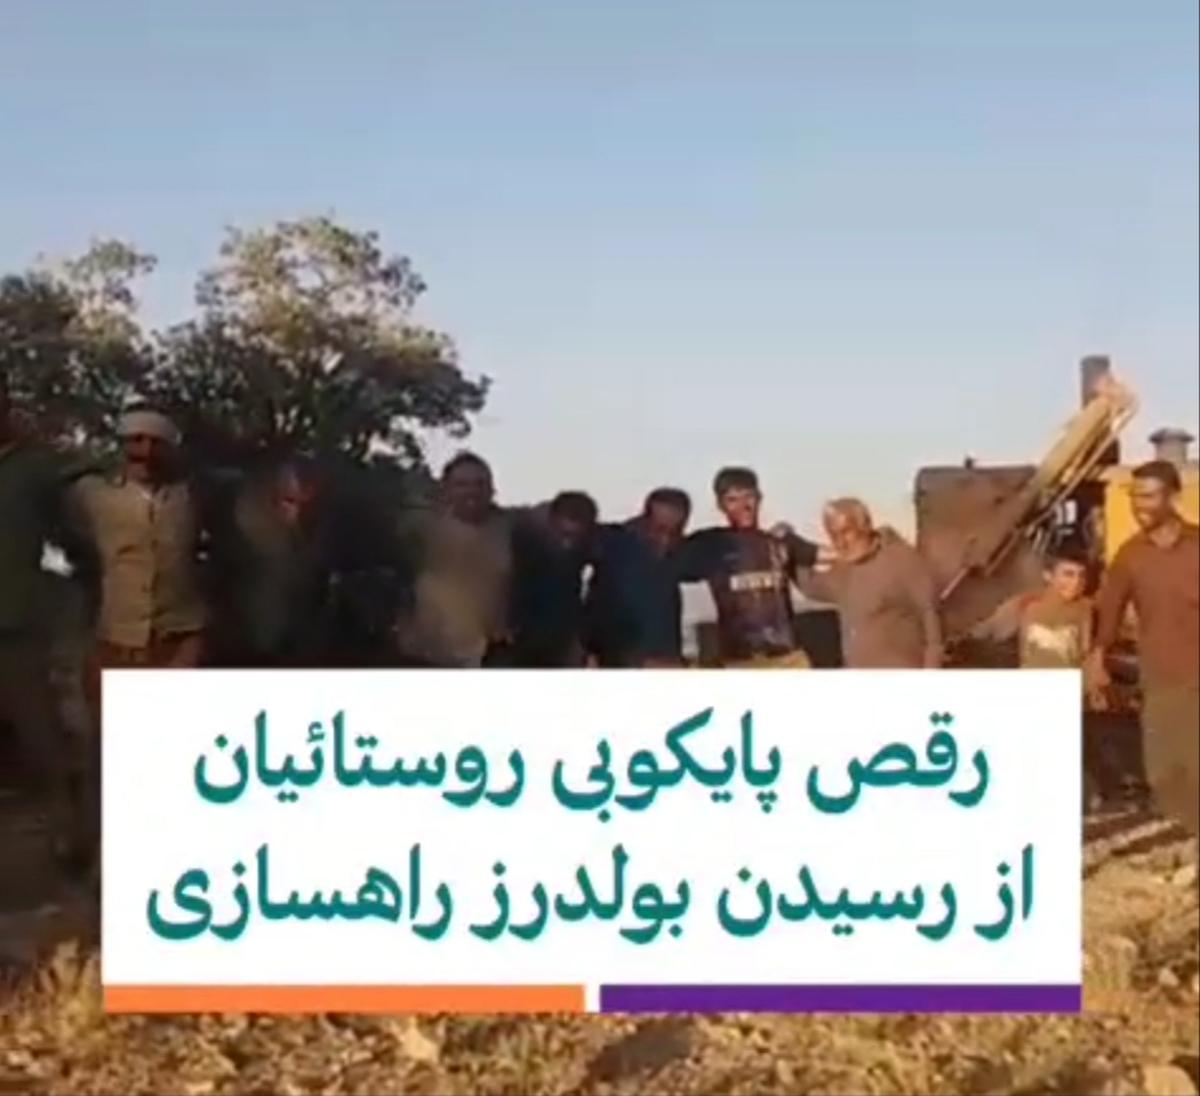 رقص و پایکوبی روستائیان باغملک خوزستان با رسیدن بولدوزر راهسازی + ویدئو